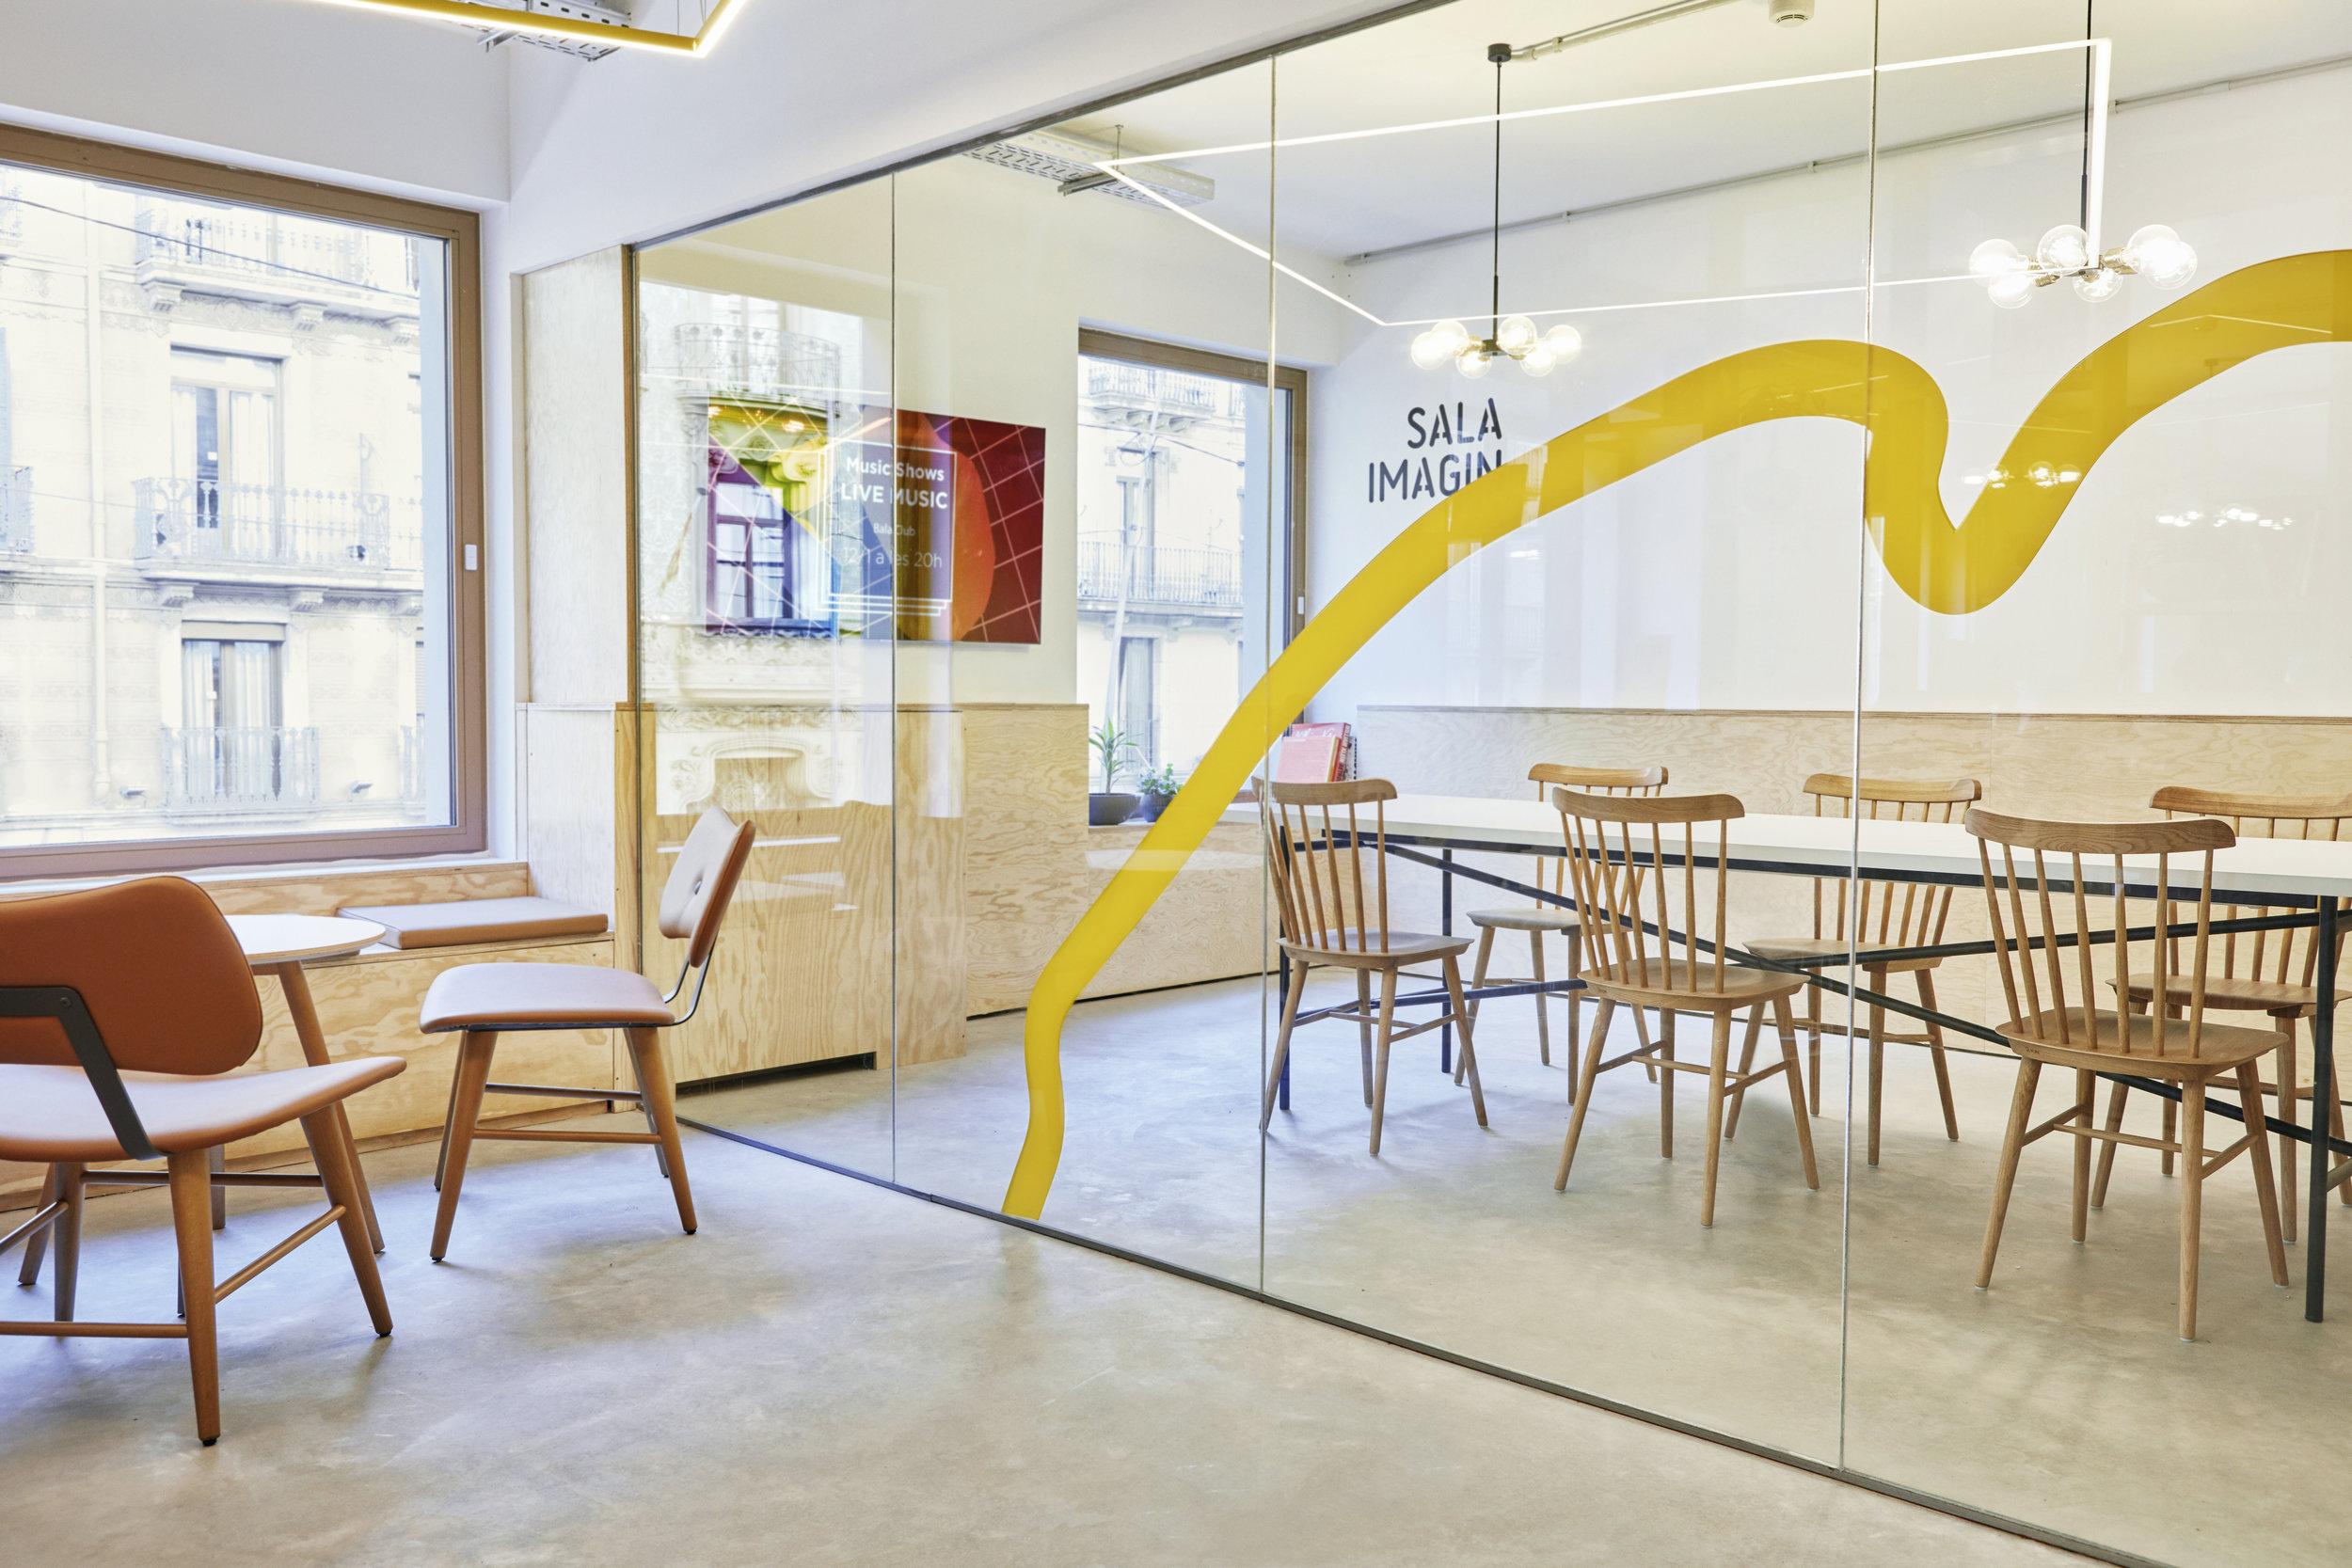 Sala Imagin, donde hasta 10 personas pueden reunirse, trabajar o idear un nuevo proyecto.